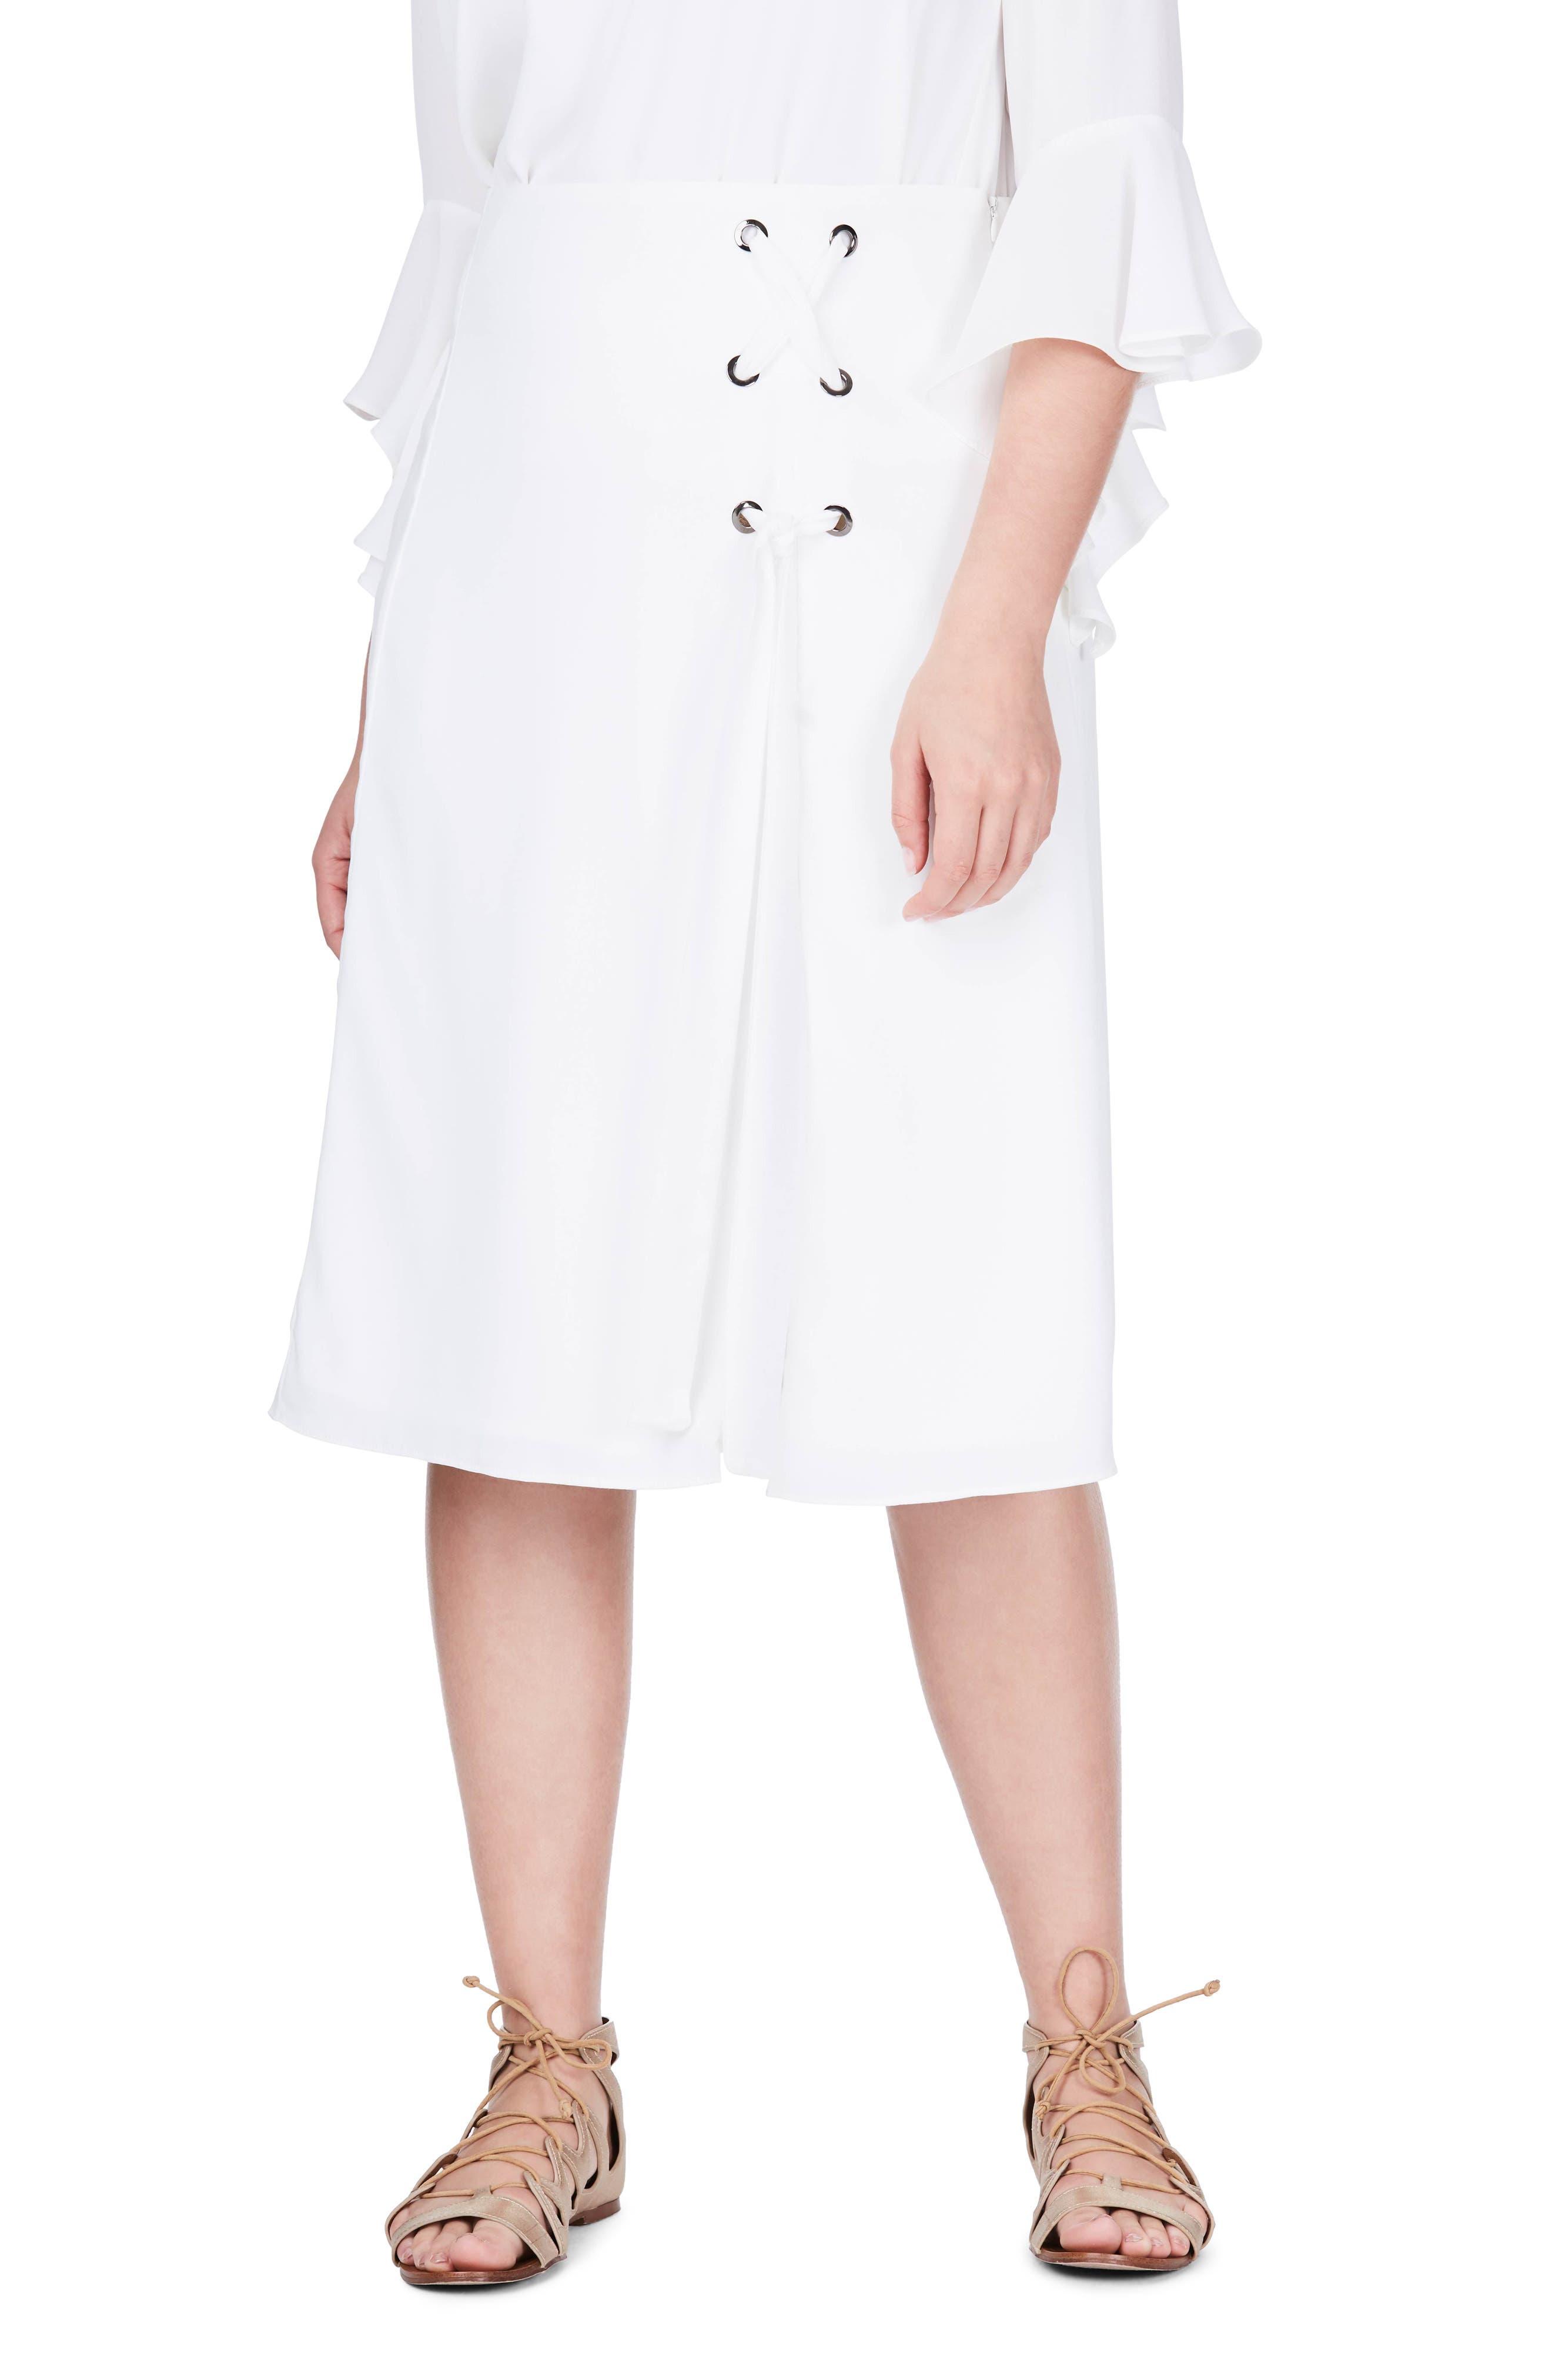 Main Image - ELVI Lace-Up Skirt (Plus Size)